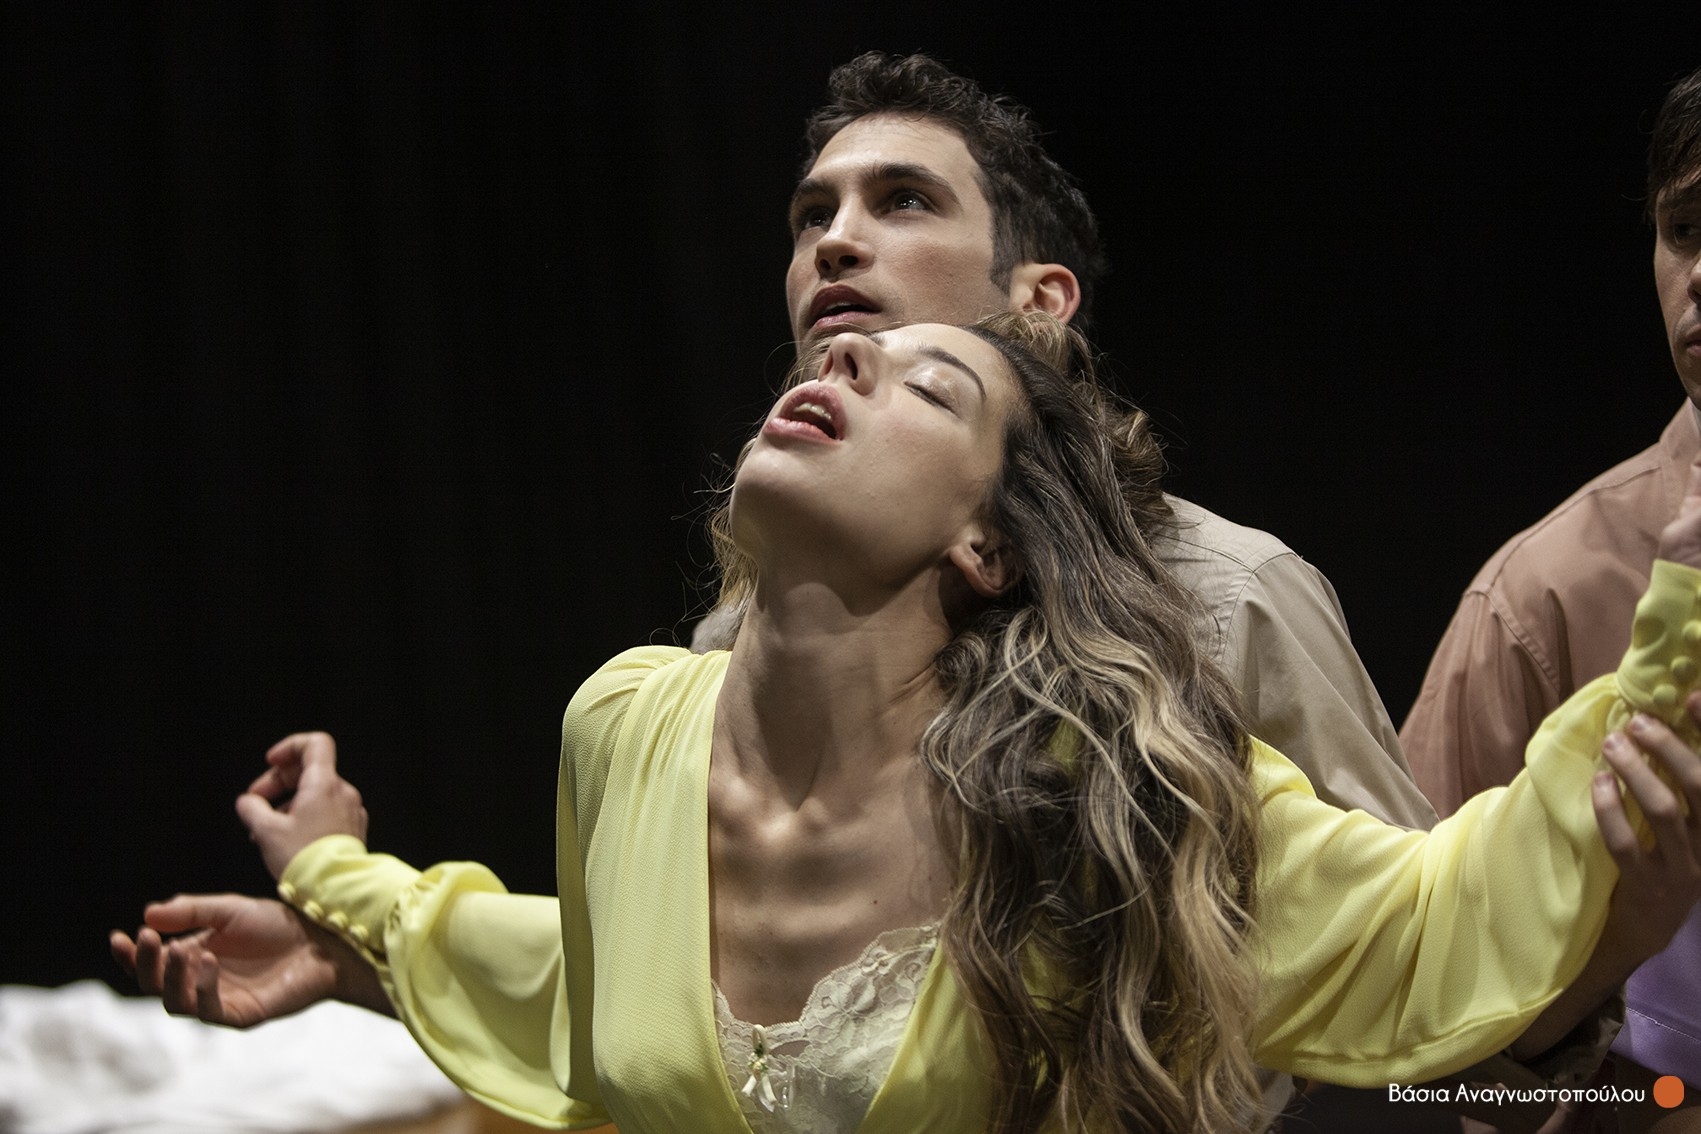 Τα πιο ωραία ελληνικά ερωτικά ποιήματα «ανεβαίνουν» στην σκηνή